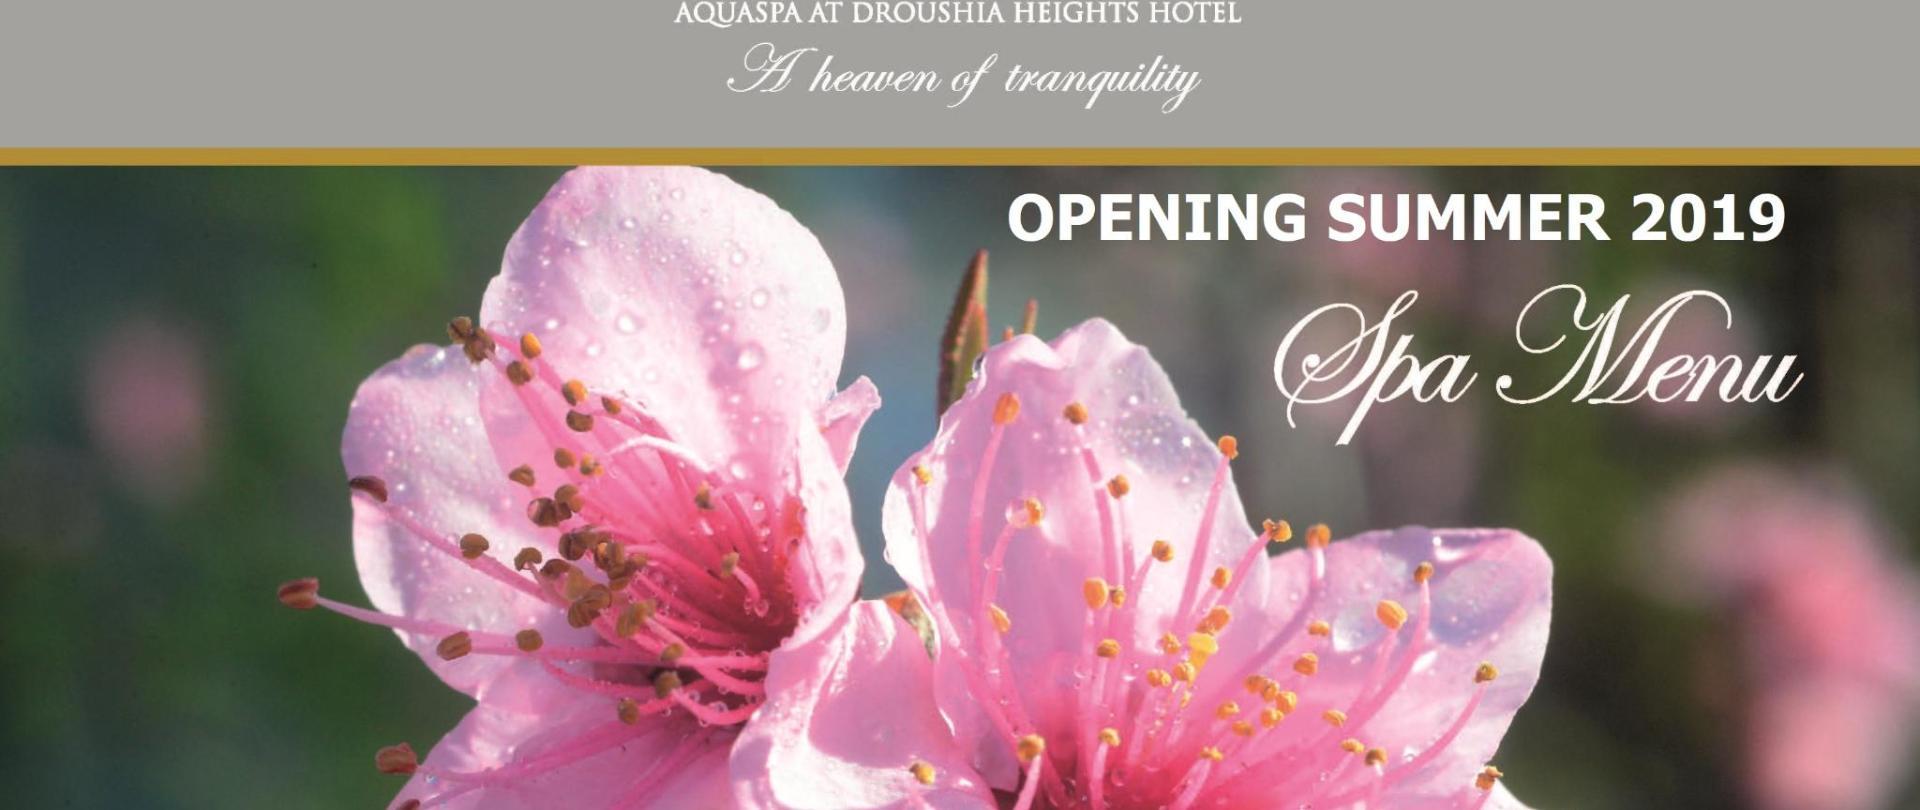 Opening Summer 2019.jpg